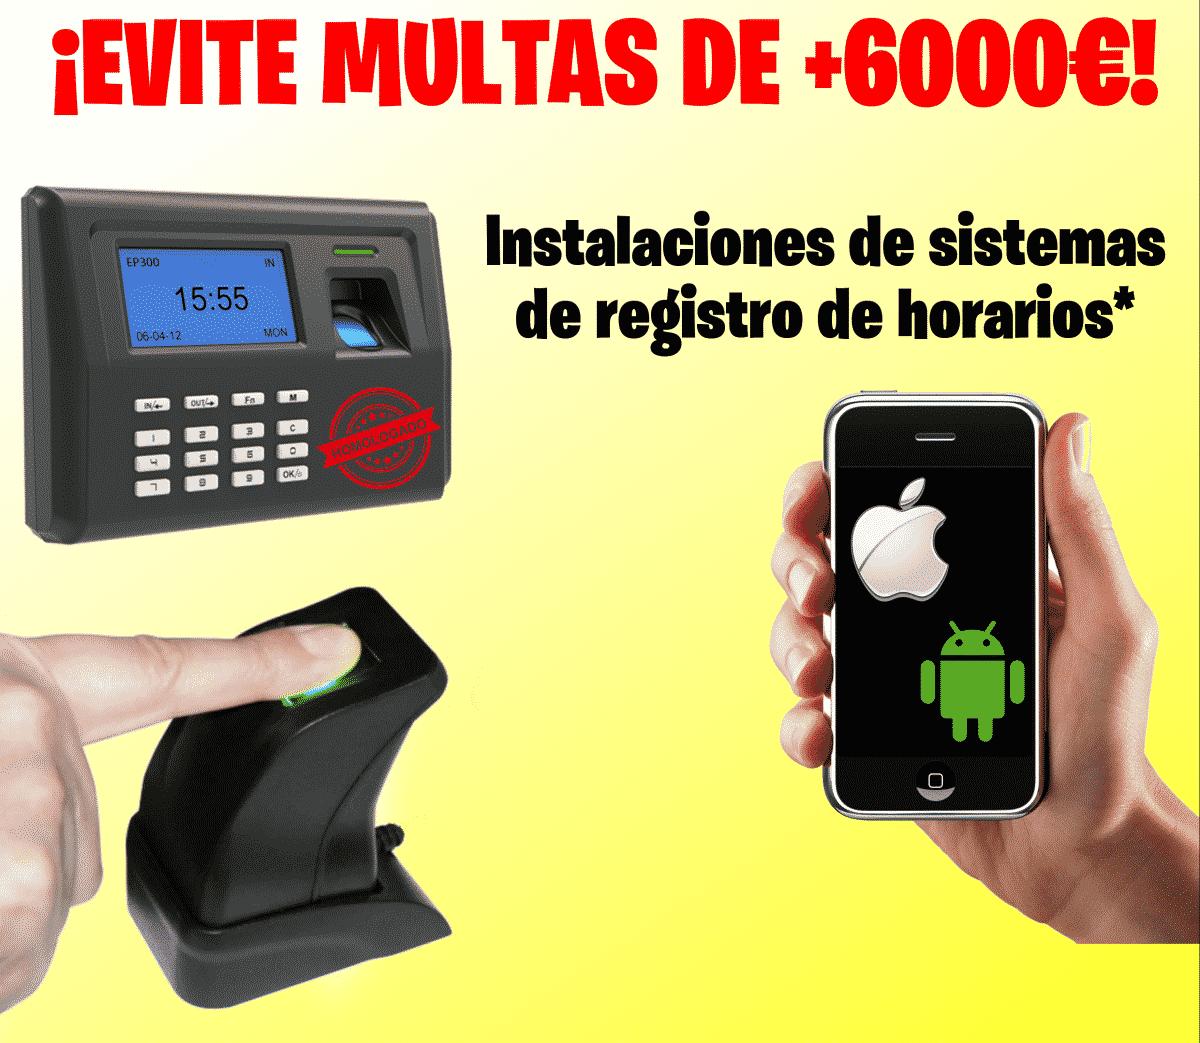 REGISTRO DE HORARIOS, EVITE MULTAS EN TU NEGOCIO